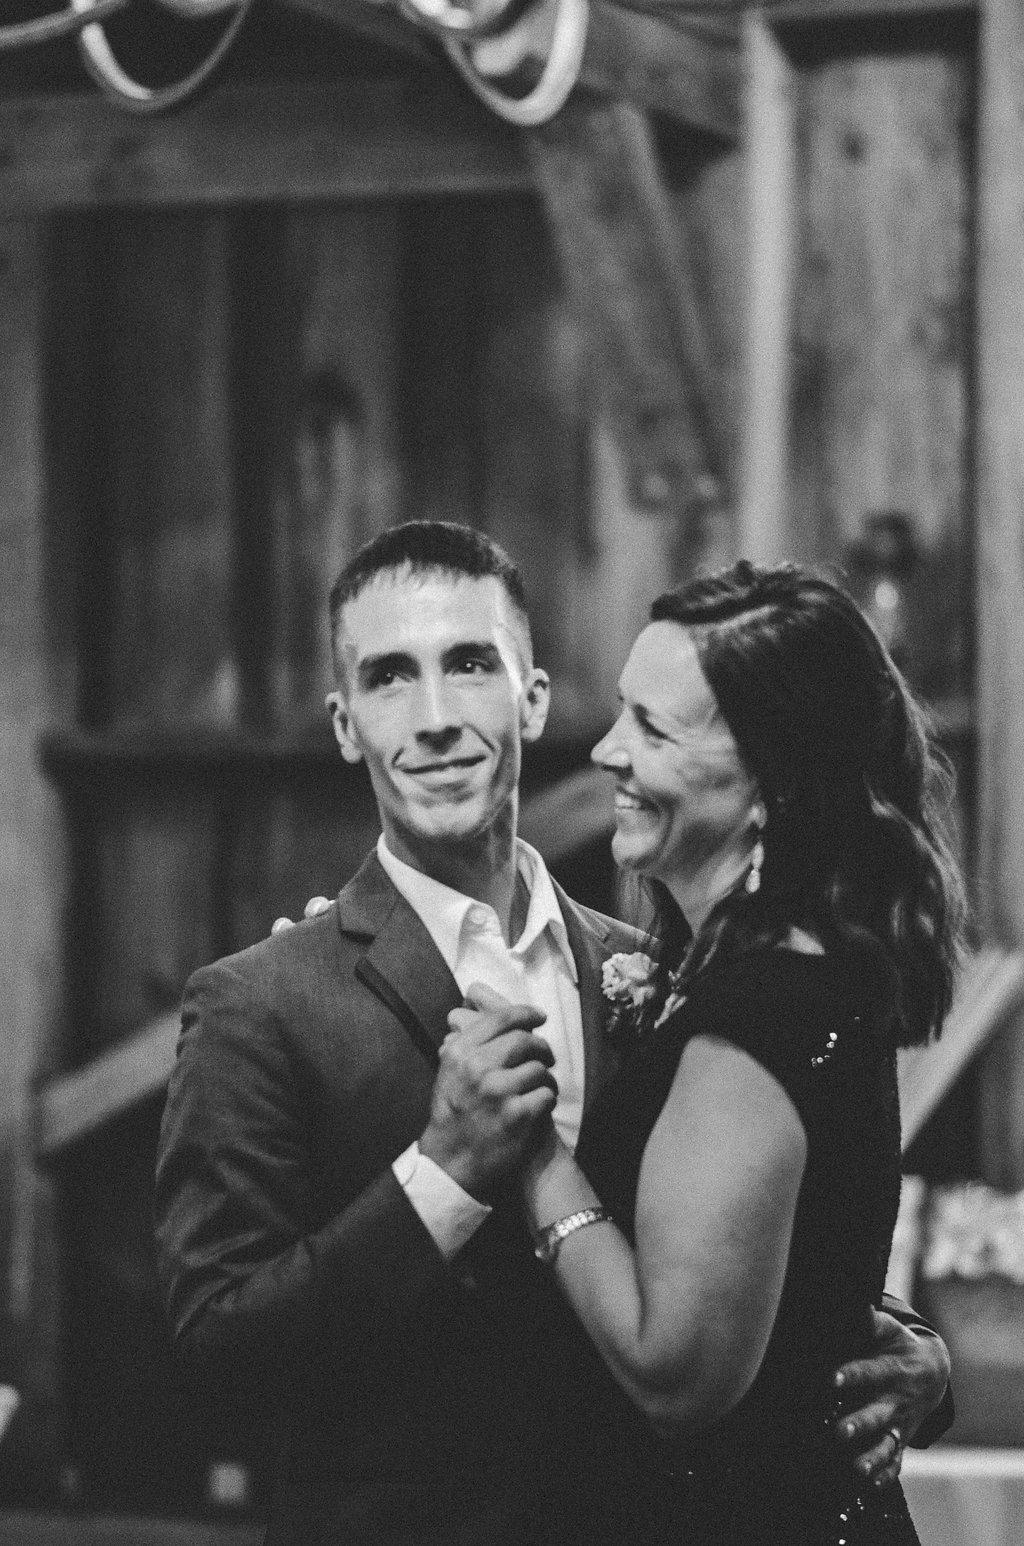 groom and mother wedding dance photo